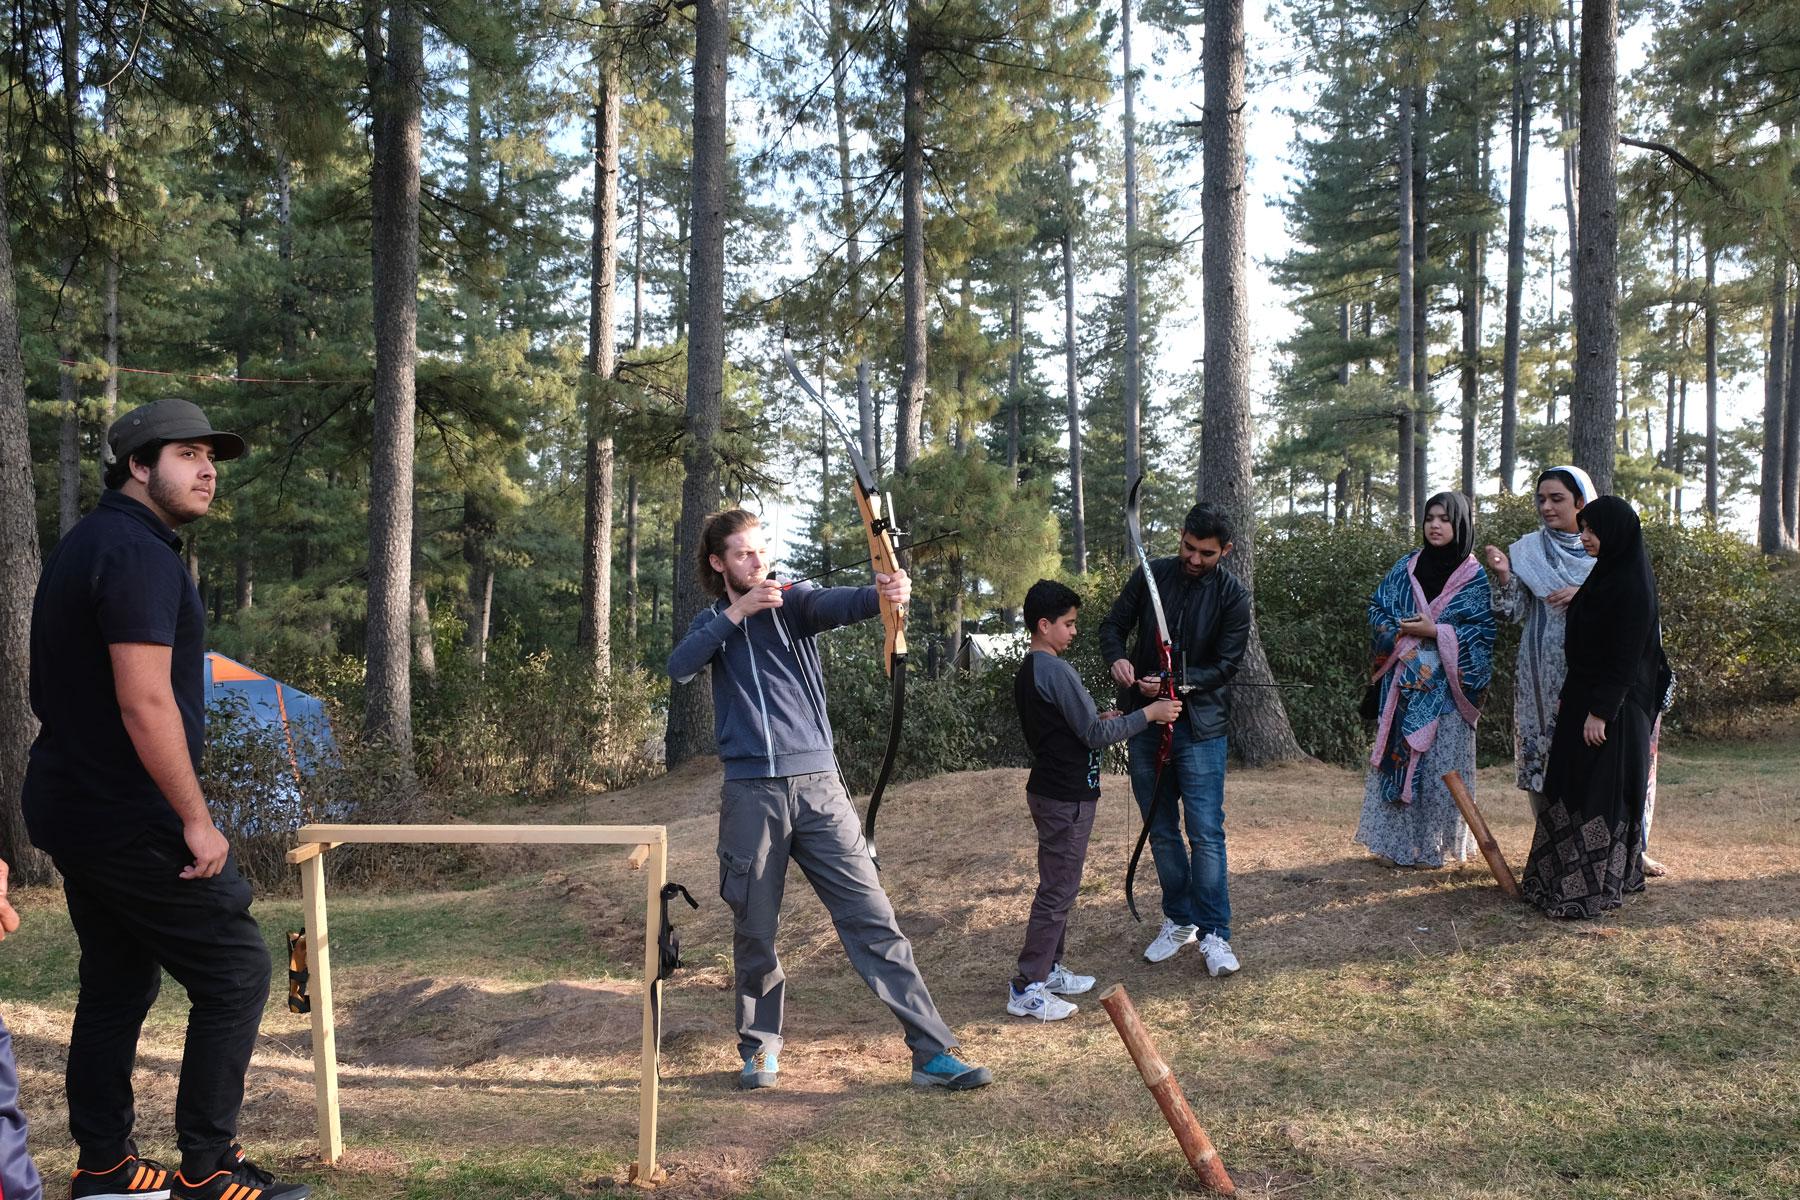 Sebastian und Pakistaner in einem Wald beim Bogenschießen.